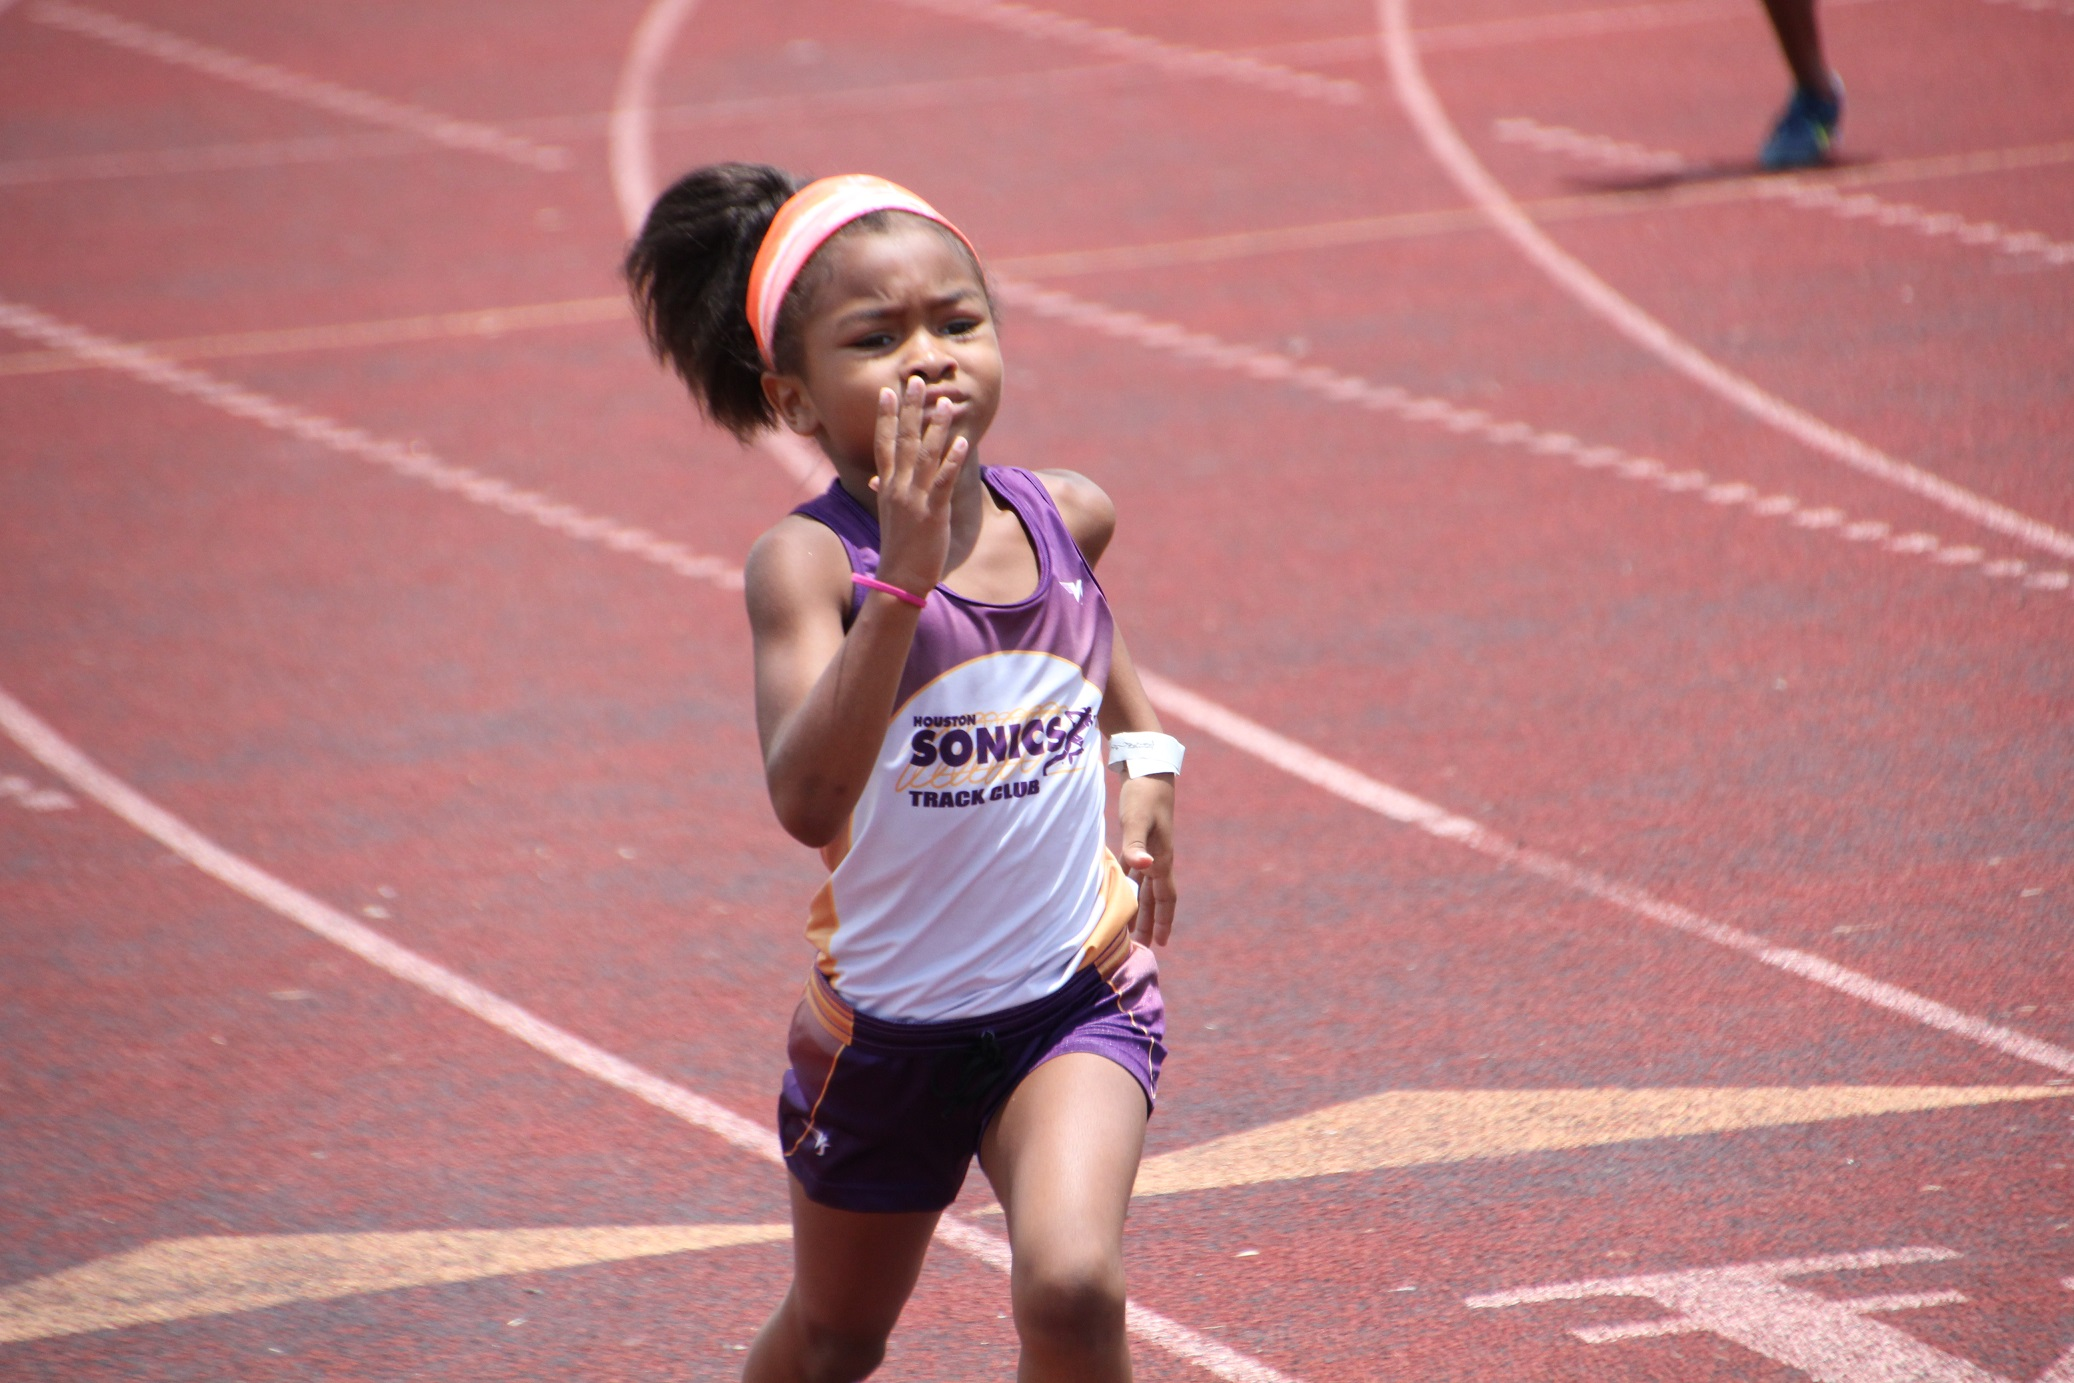 Kamaryn running the 400m